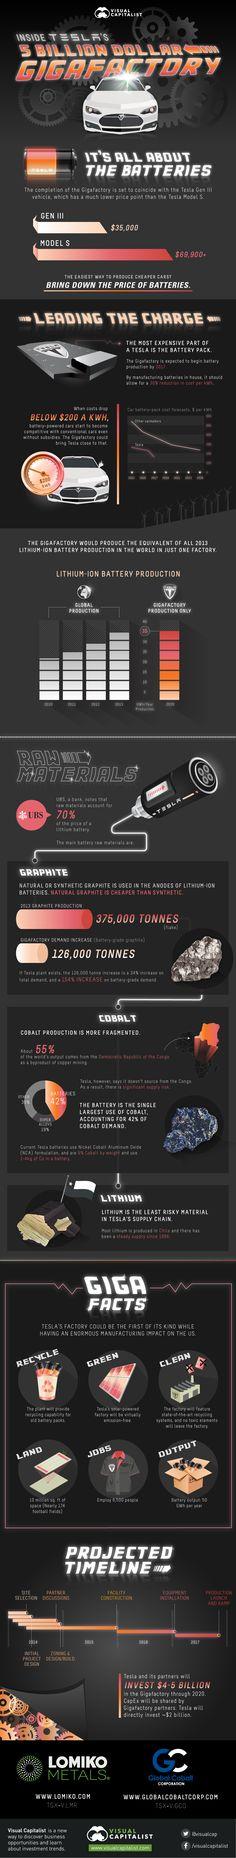 Tesla Gigafactory Infographic - Gas 2